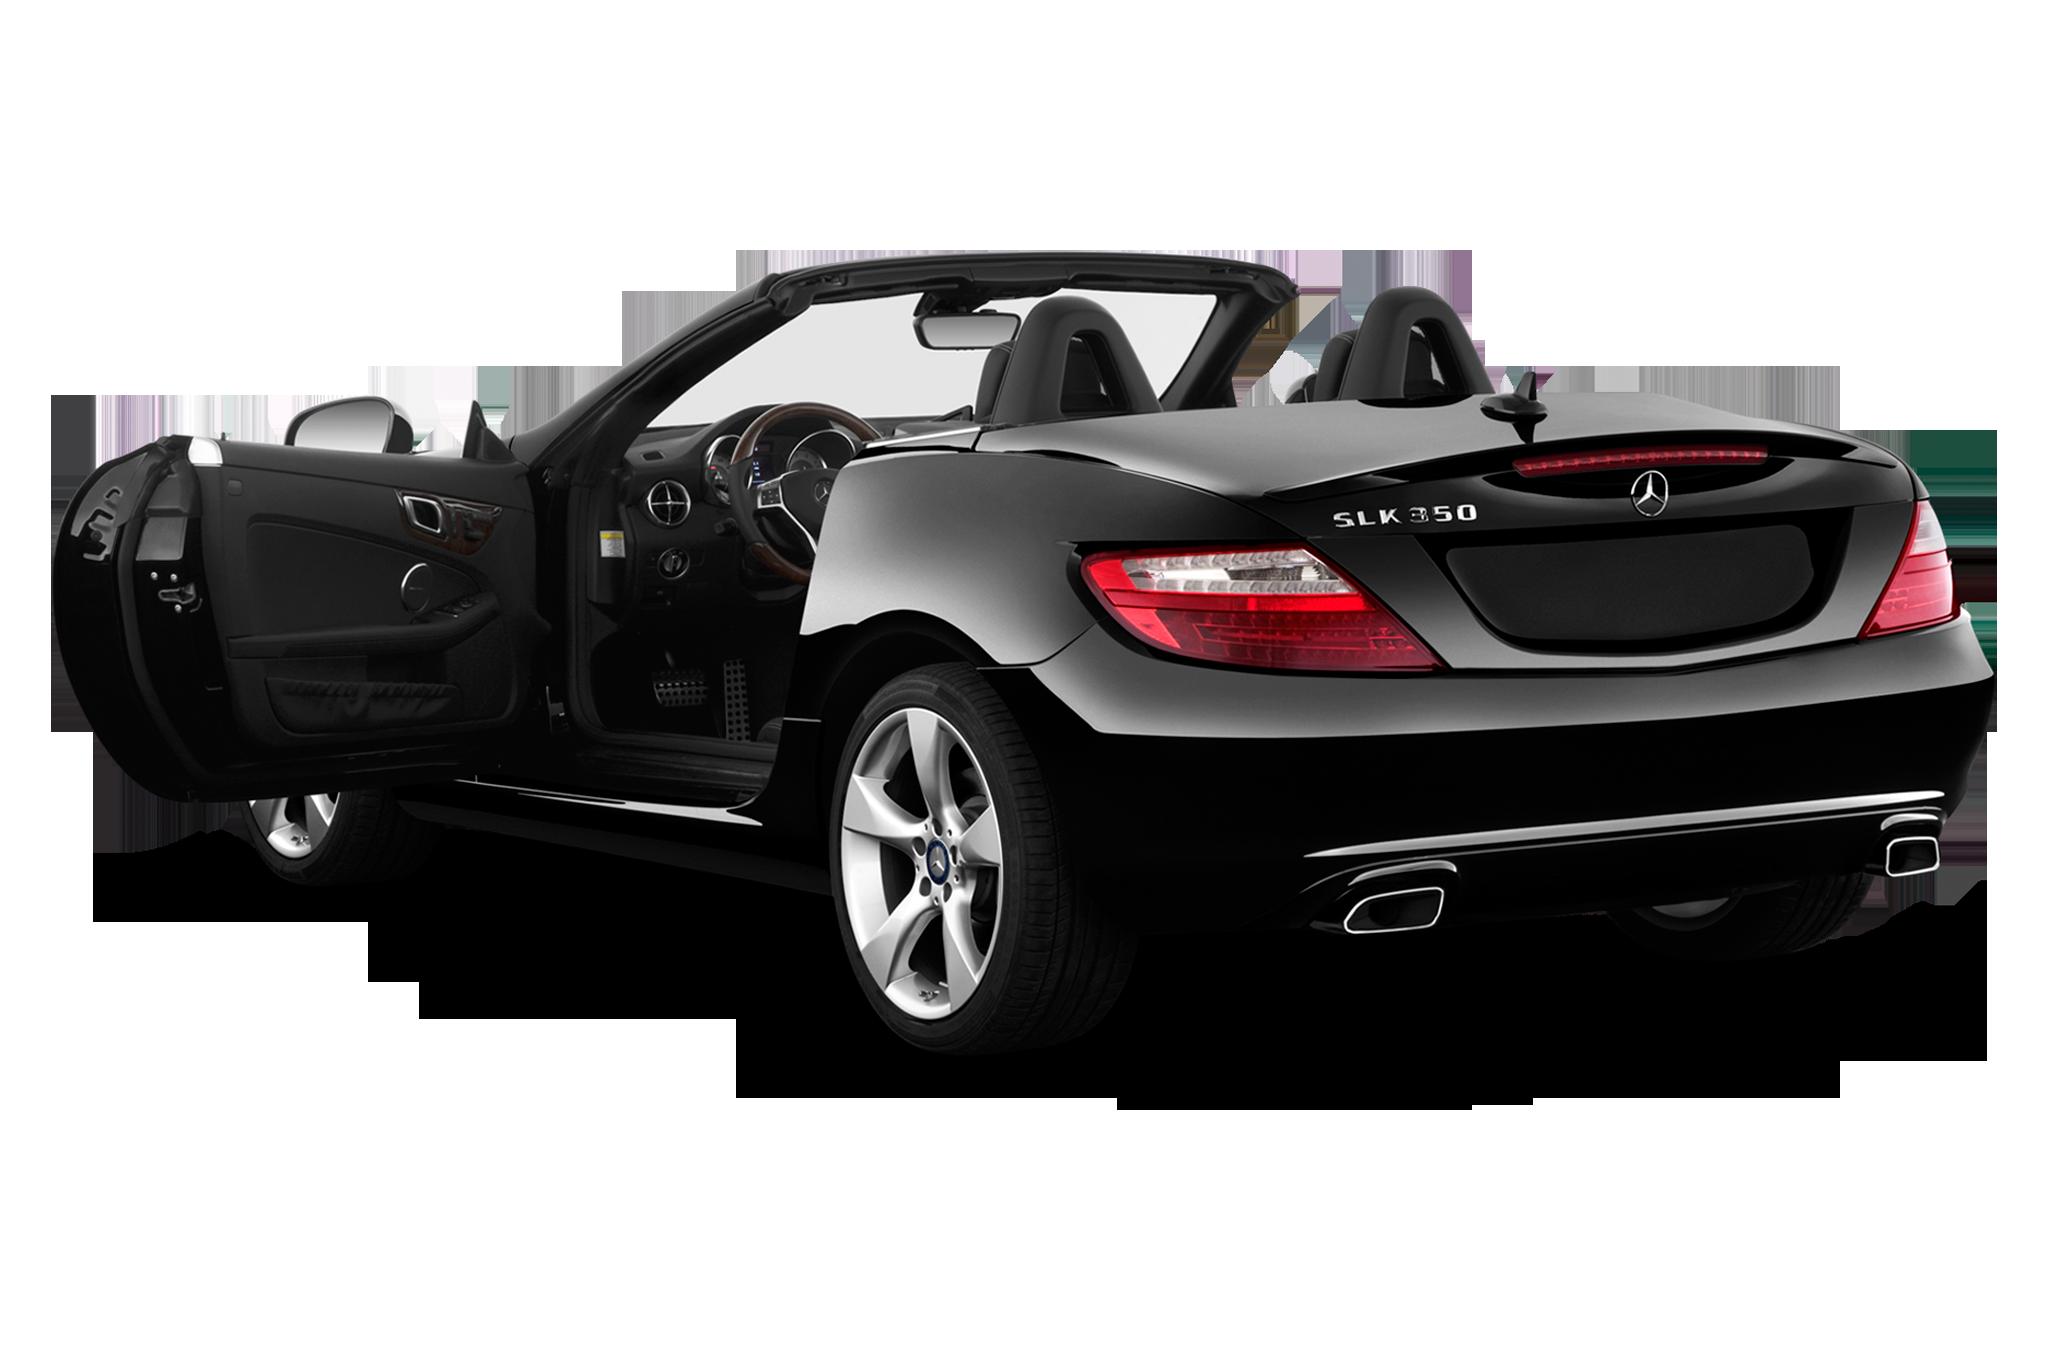 2012 Mercedes Benz Slk250 Editors Notebook Automobile